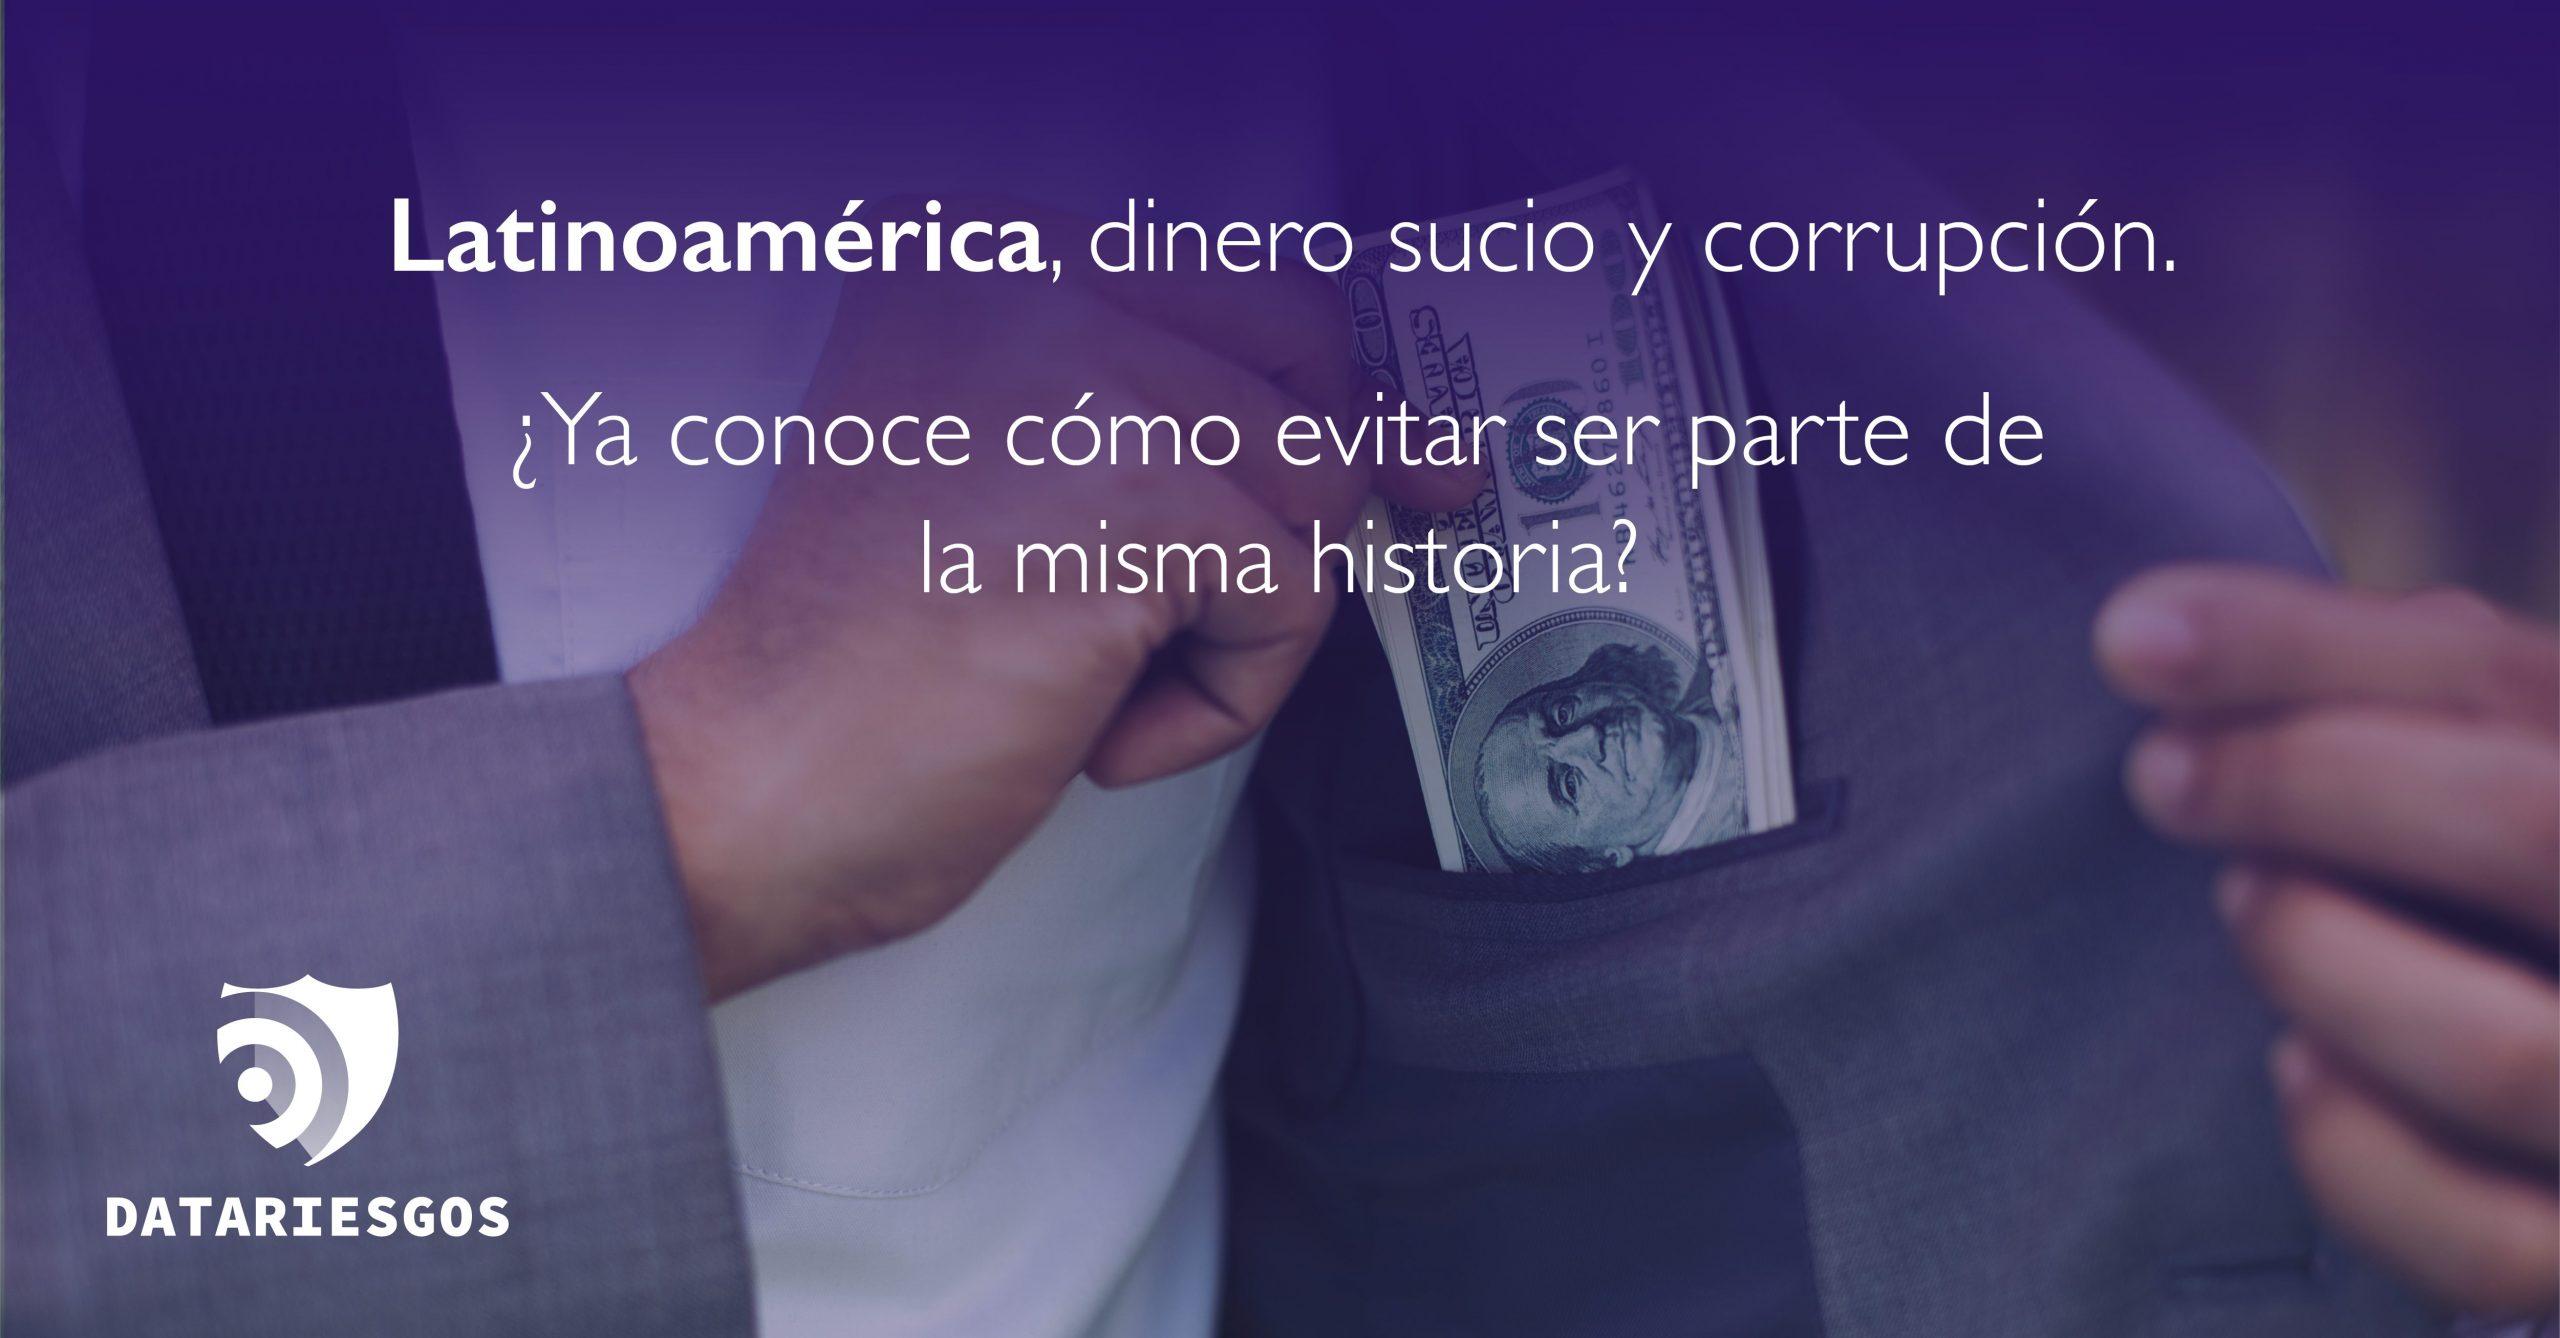 Latinoamérica, dinero sucio y corrupción